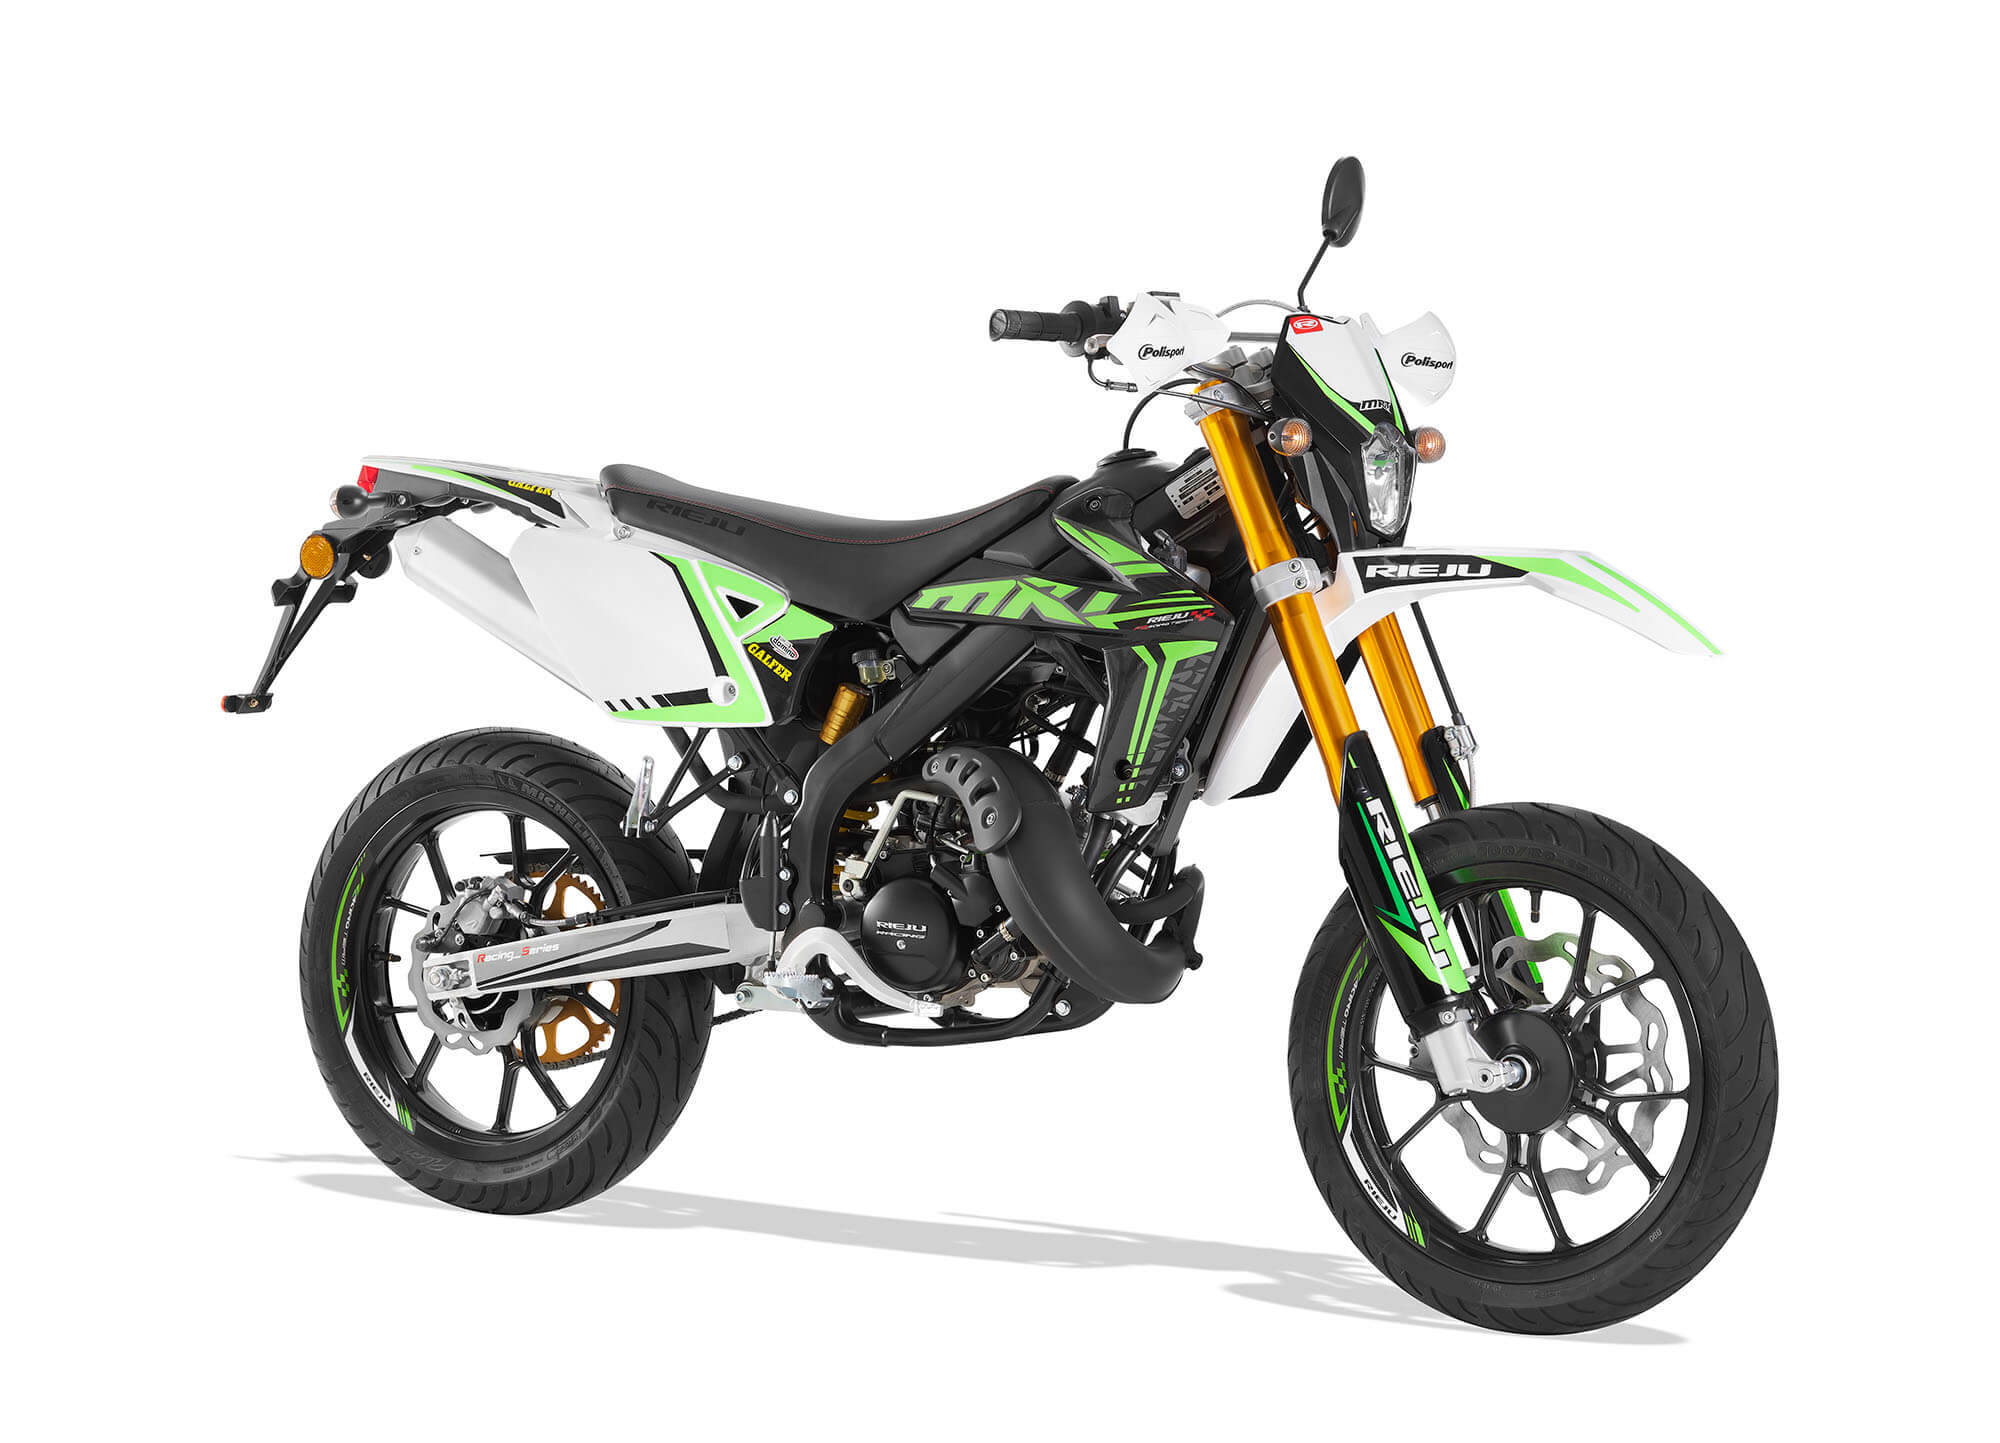 comprar-motos-rieju-mrt-pro-supermotard-50-verde-motissimo-barcelona